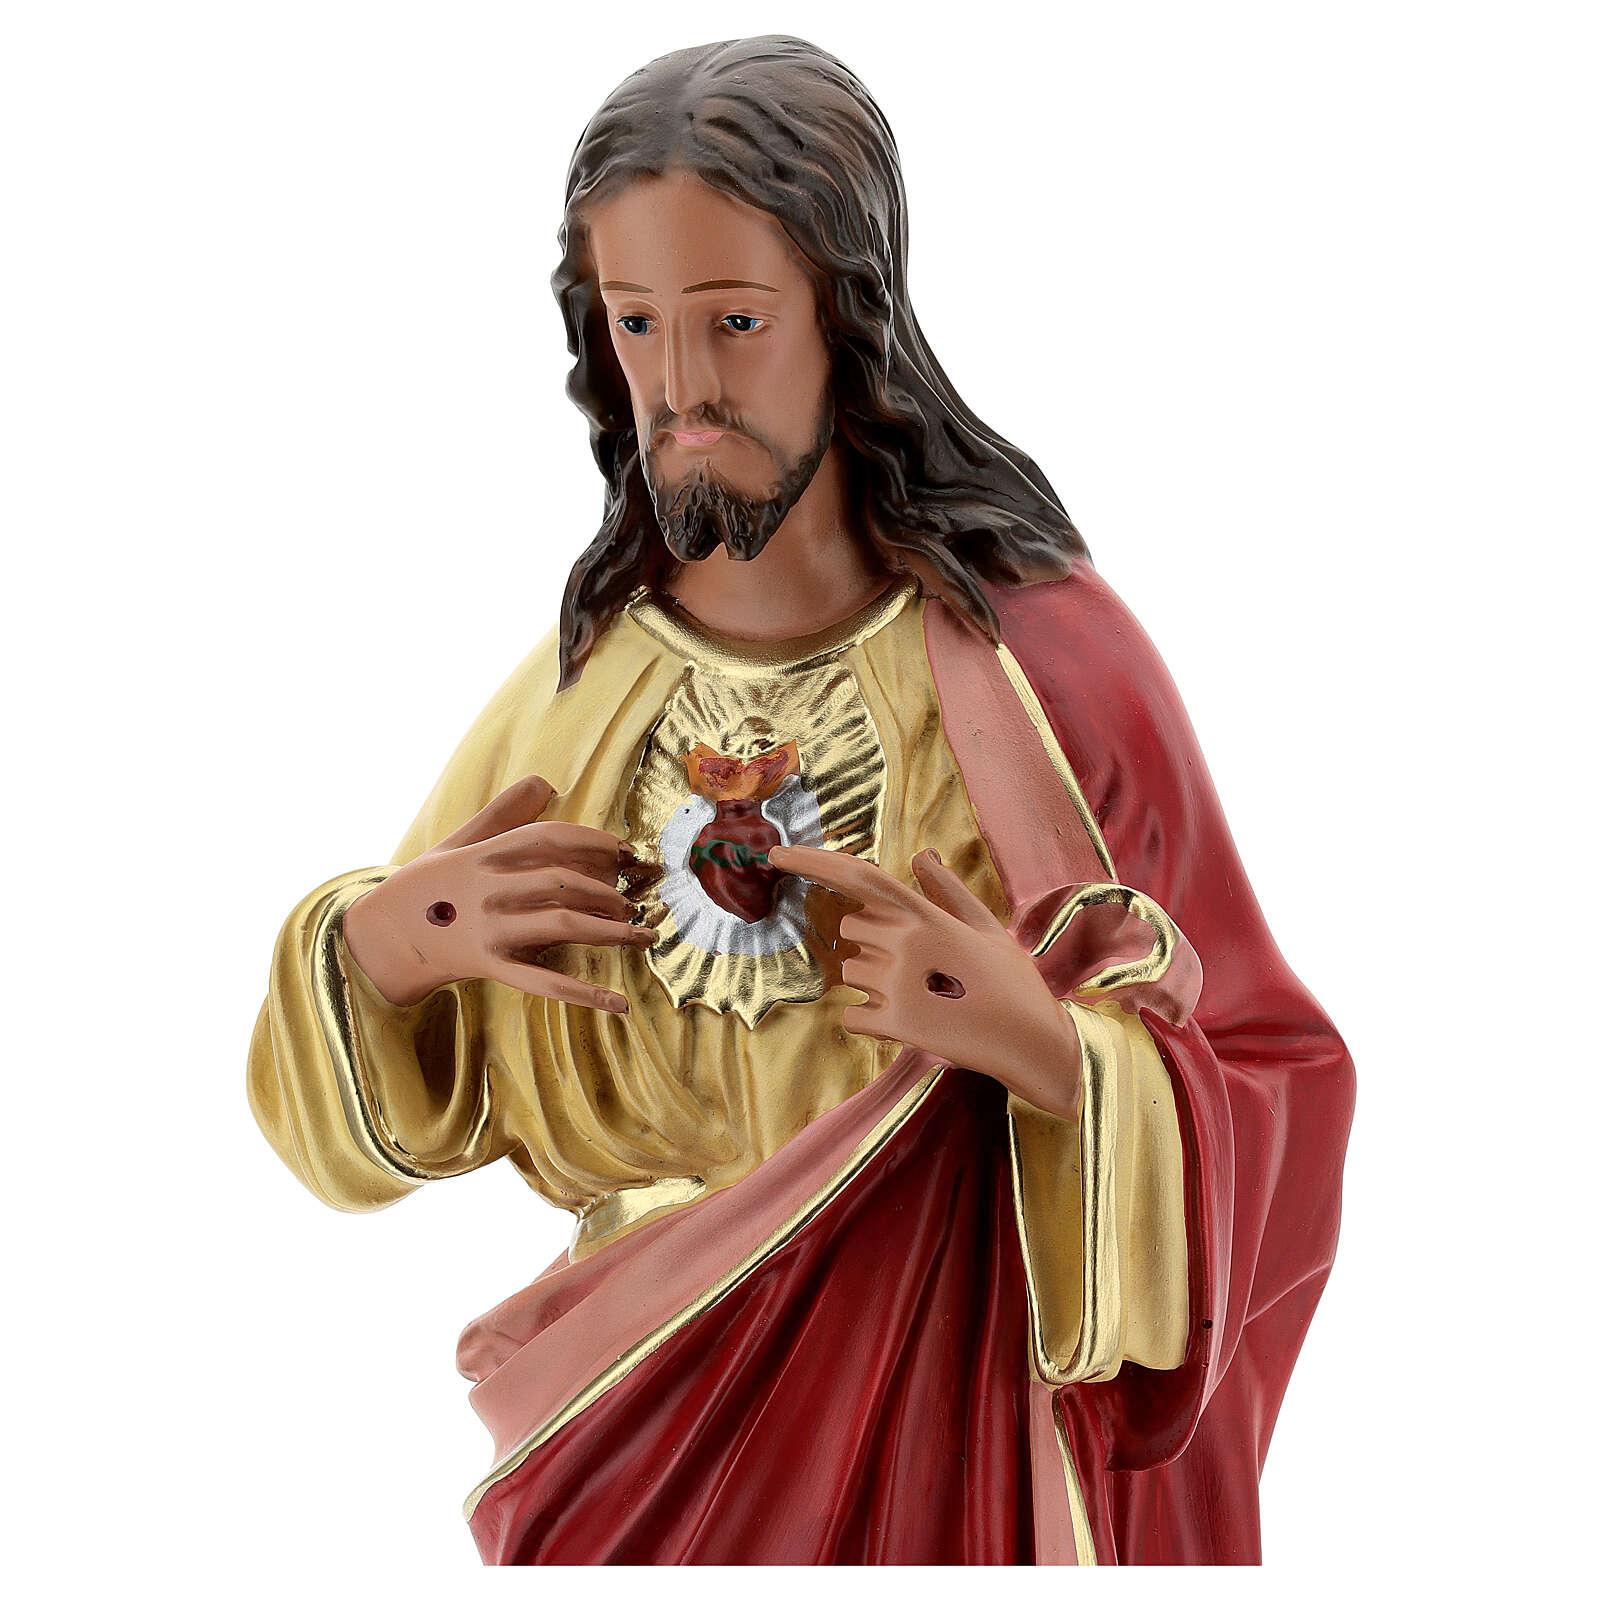 Sagrado Coração de Jesus imagem resina pintada à mão Arte Barsanti 60 cm 4